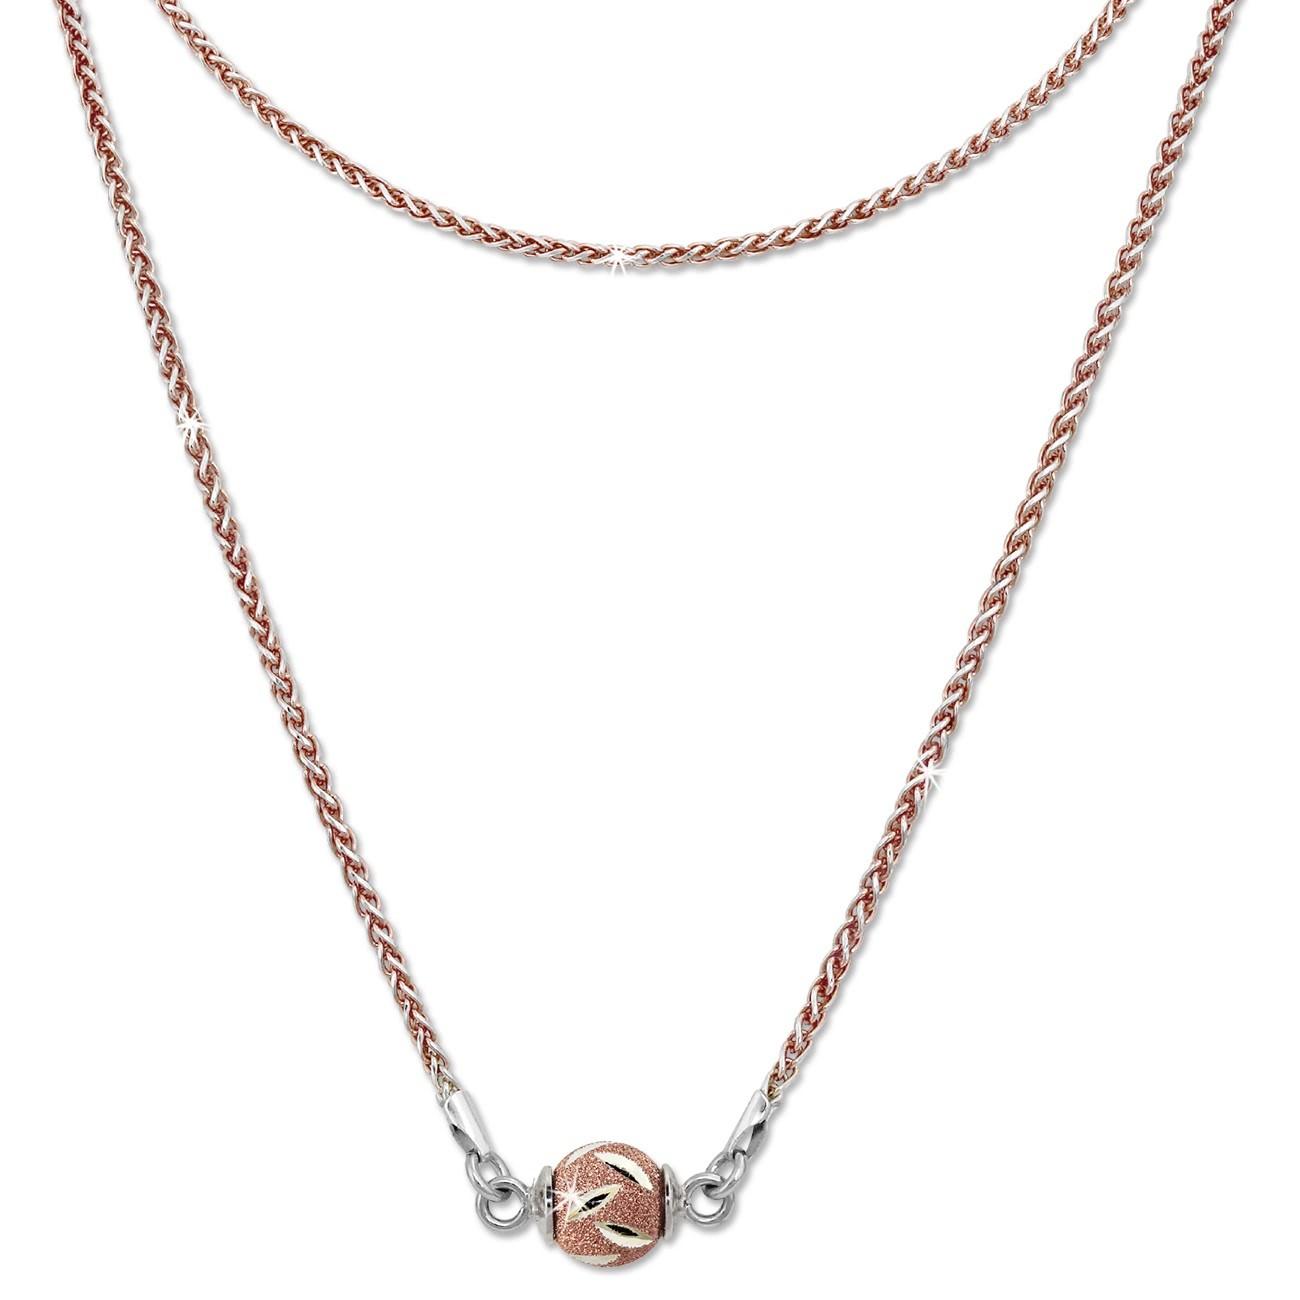 SilberDream Collier Kette Kugel Blatt rose 925 Silber Damen 46cm SDK24146E